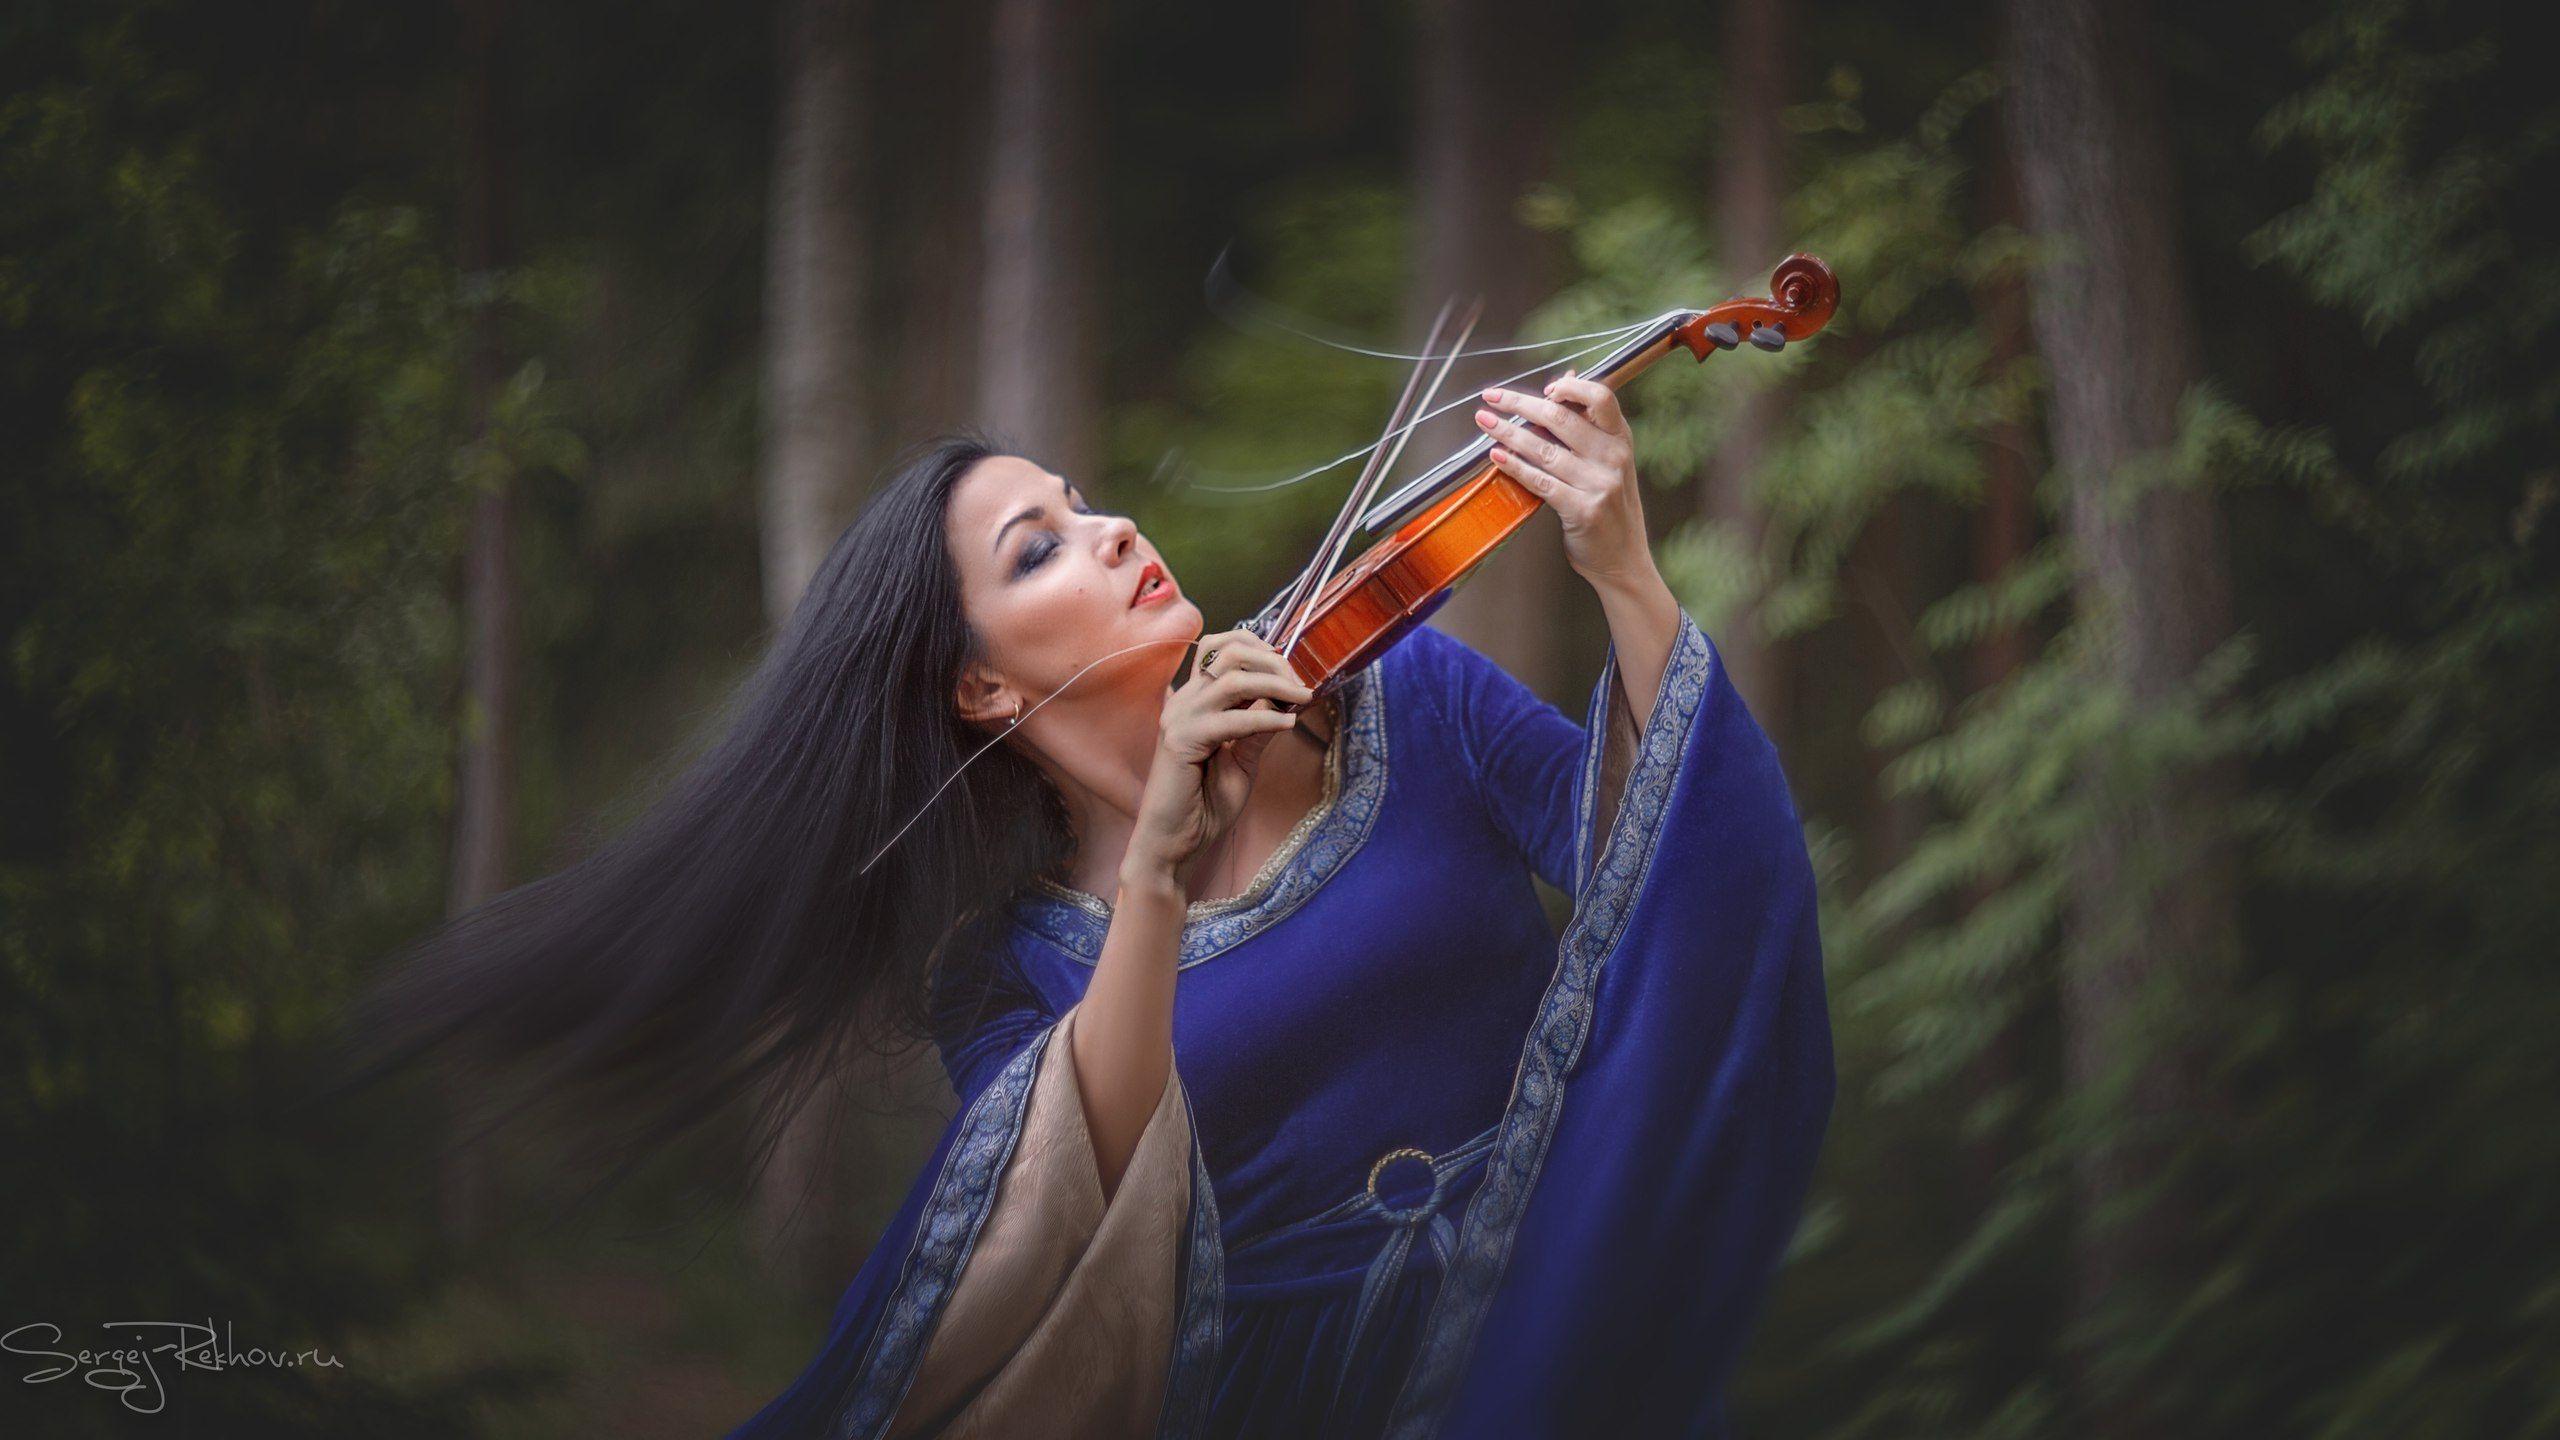 женщина, скрипка, музыка, Сергей Рехов